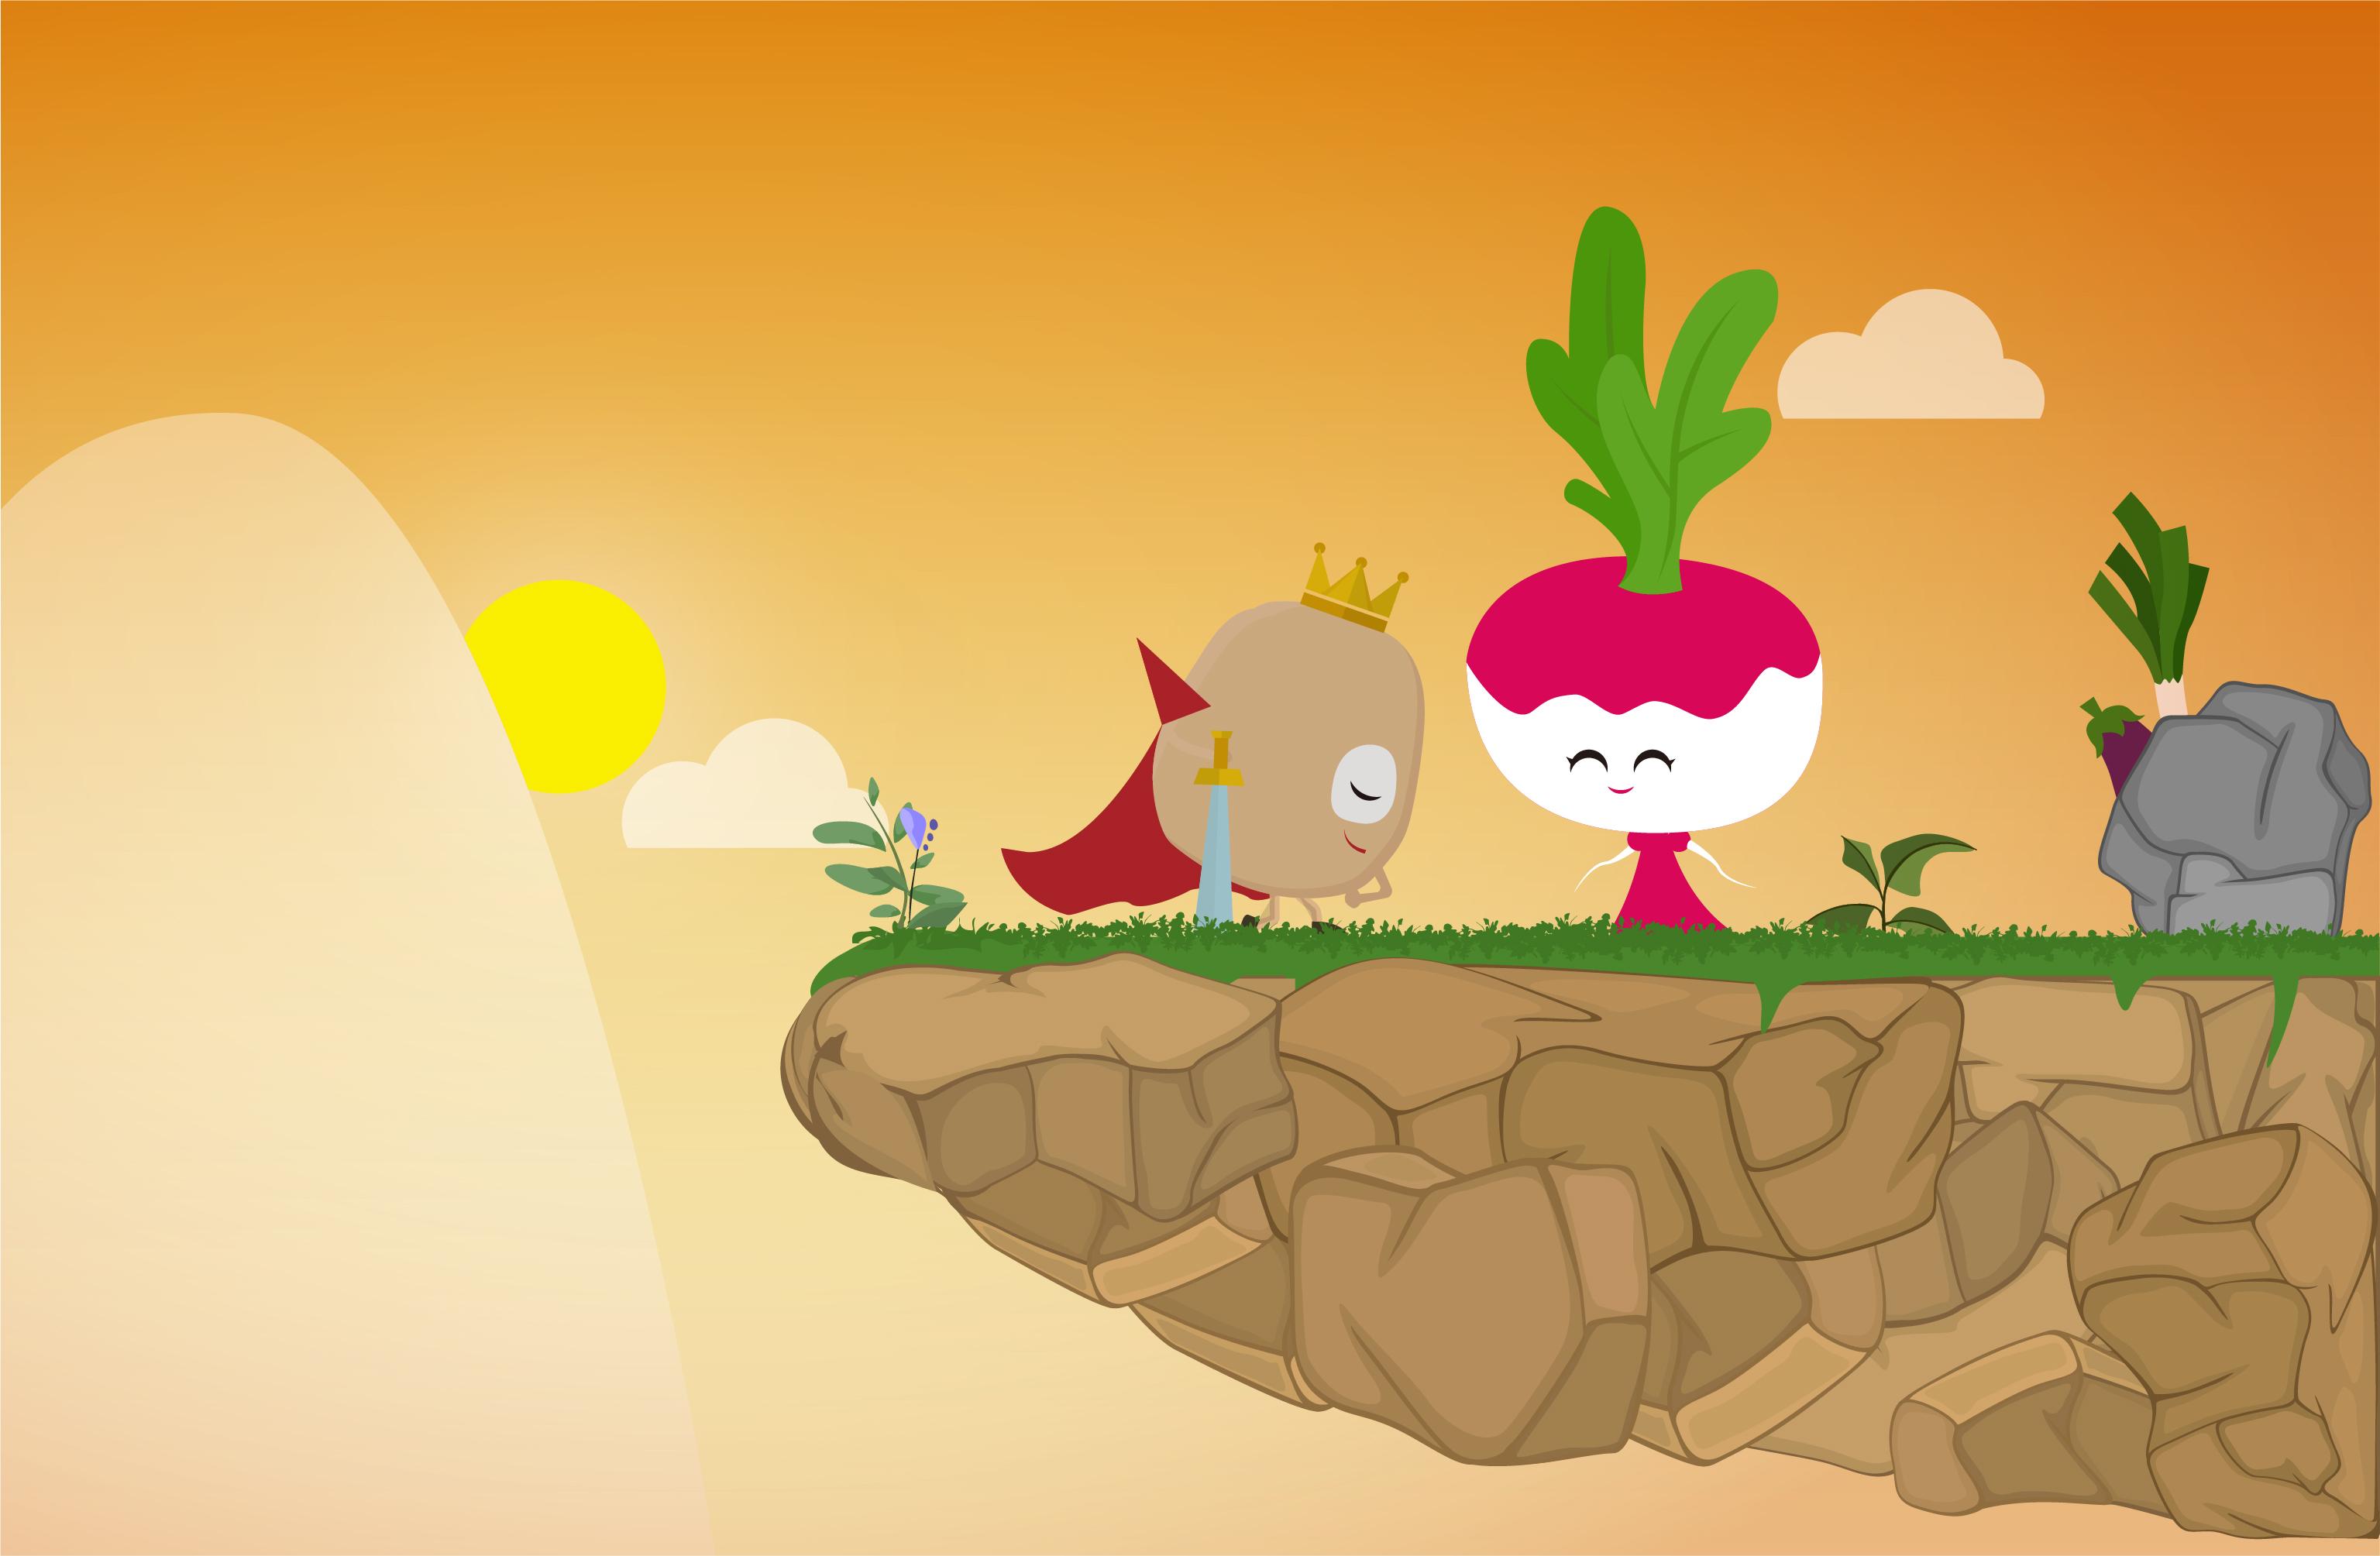 土豆logo卡通形象设计 卡通画故事图片